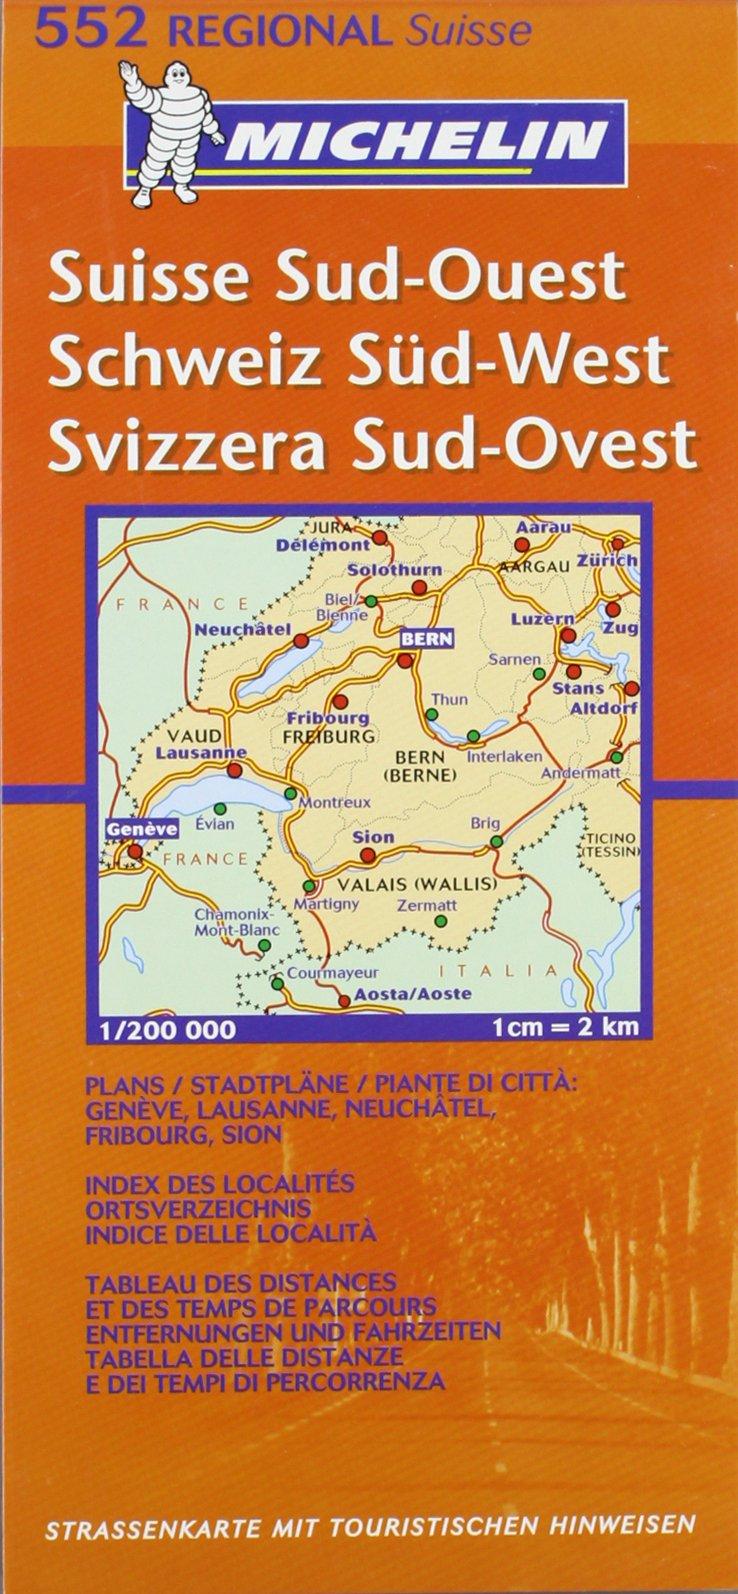 Schweiz Süd-West (MICHELIN Regionalkarten, Band 552)